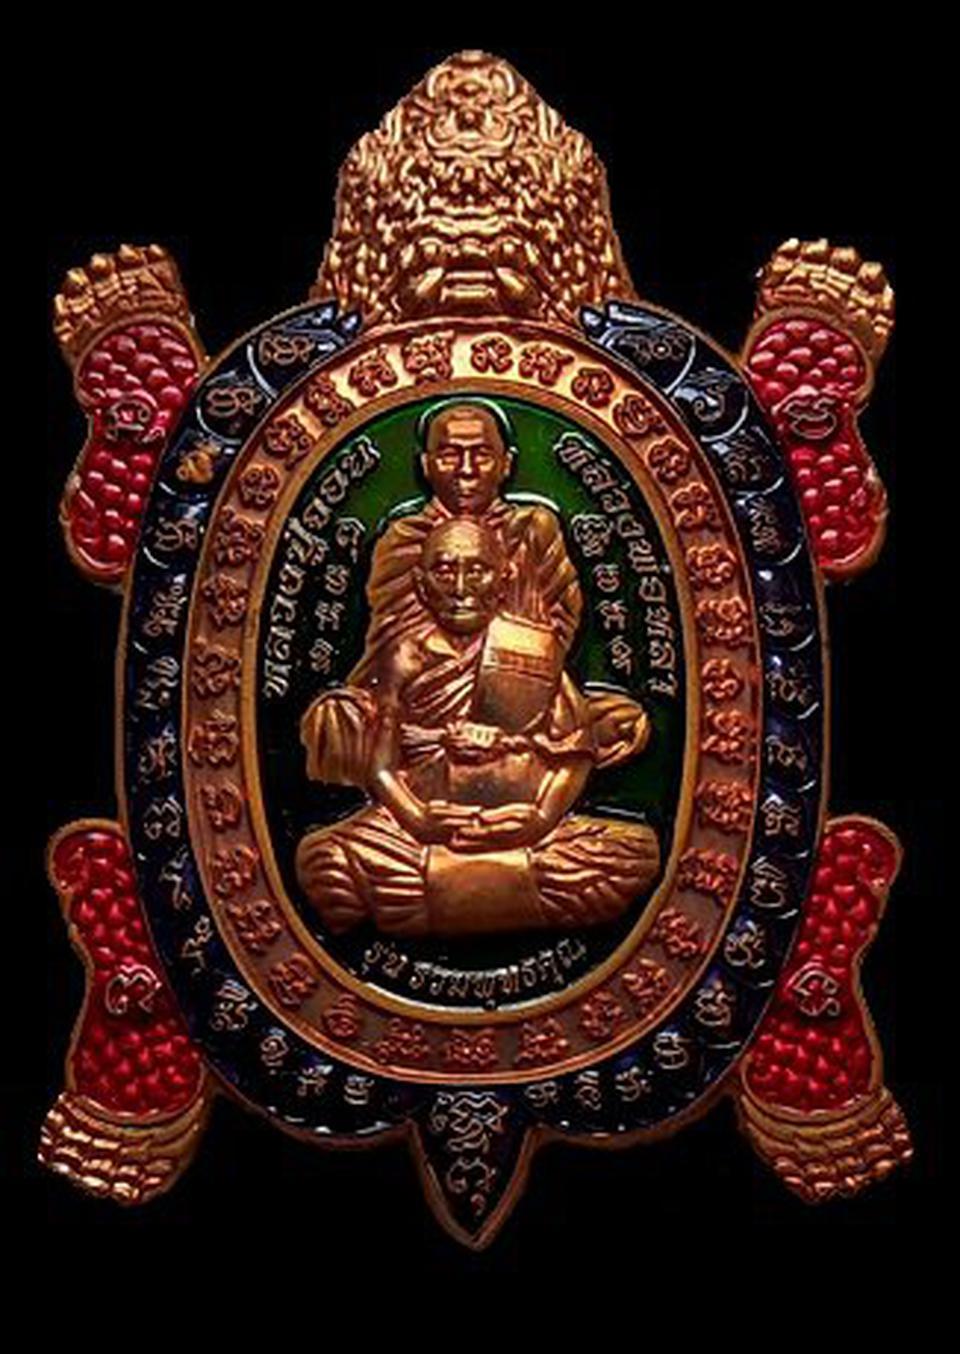 เหรียญพญาเต่ามังกร กรมหลวงชุมพร วัดดอนรวบ จ.ชุมพร ปี 63 รุ่นรวมพุทธคุณ เนื้อทองแดงลงยา  รูปที่ 1